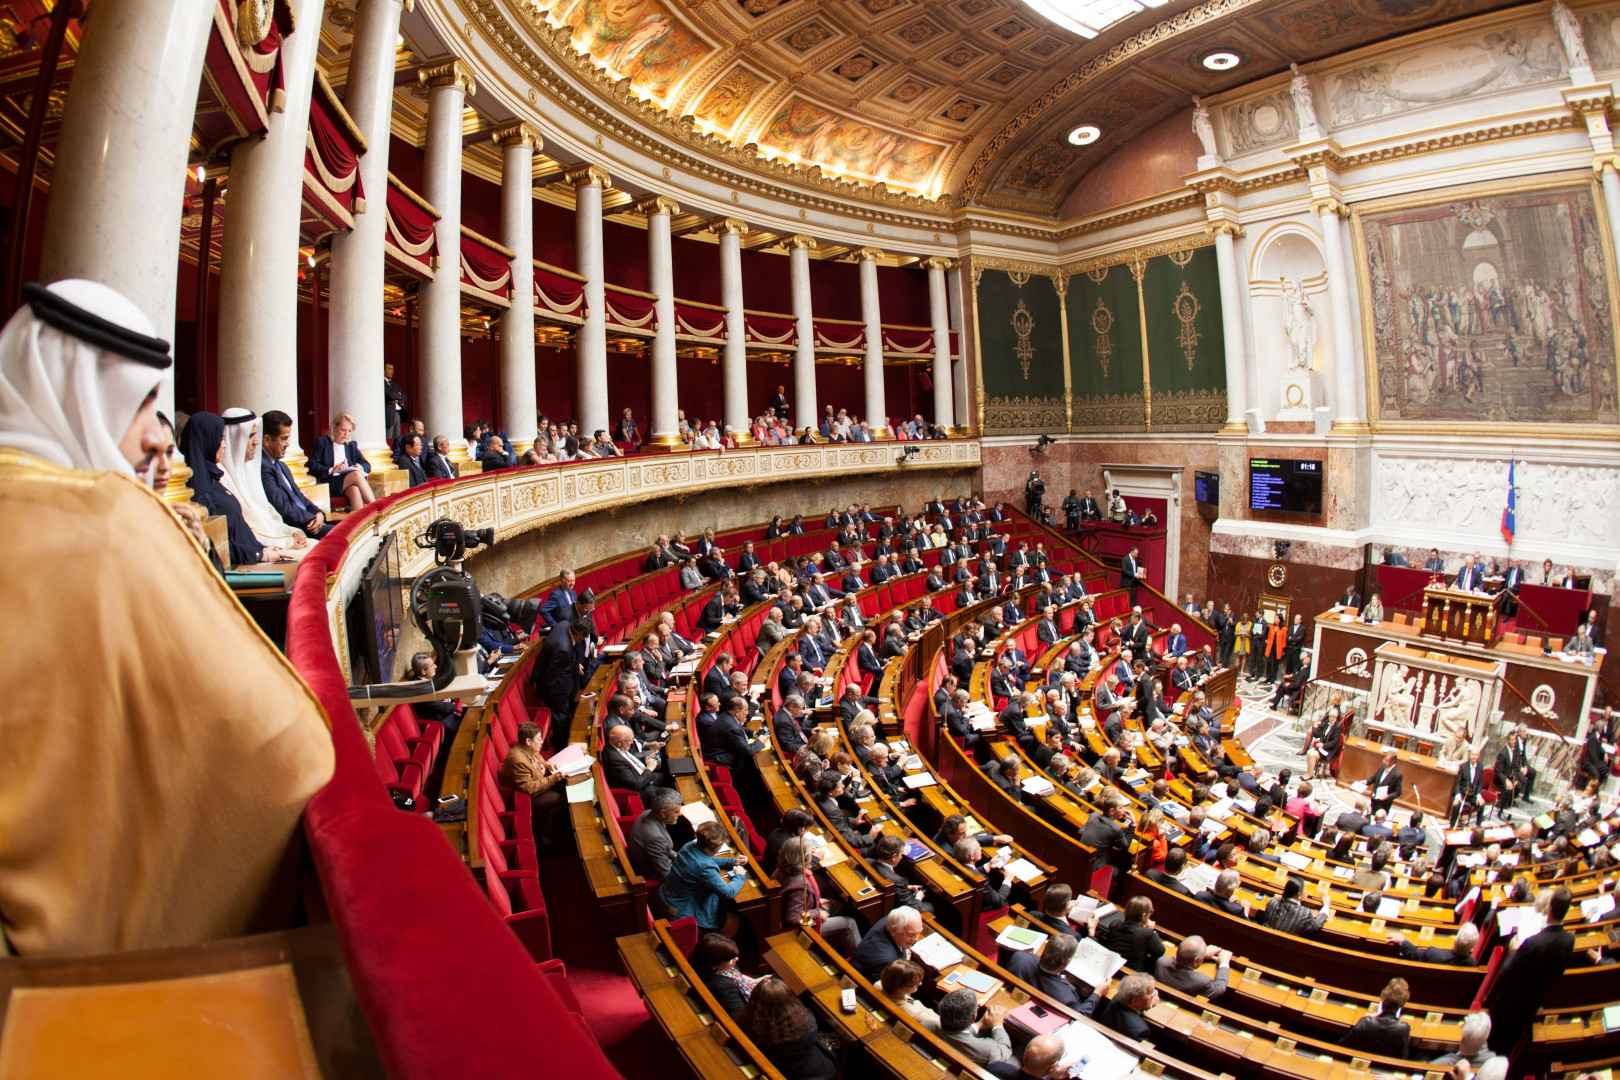 Des députés à l'Assemblée nationale (image d'illustration)